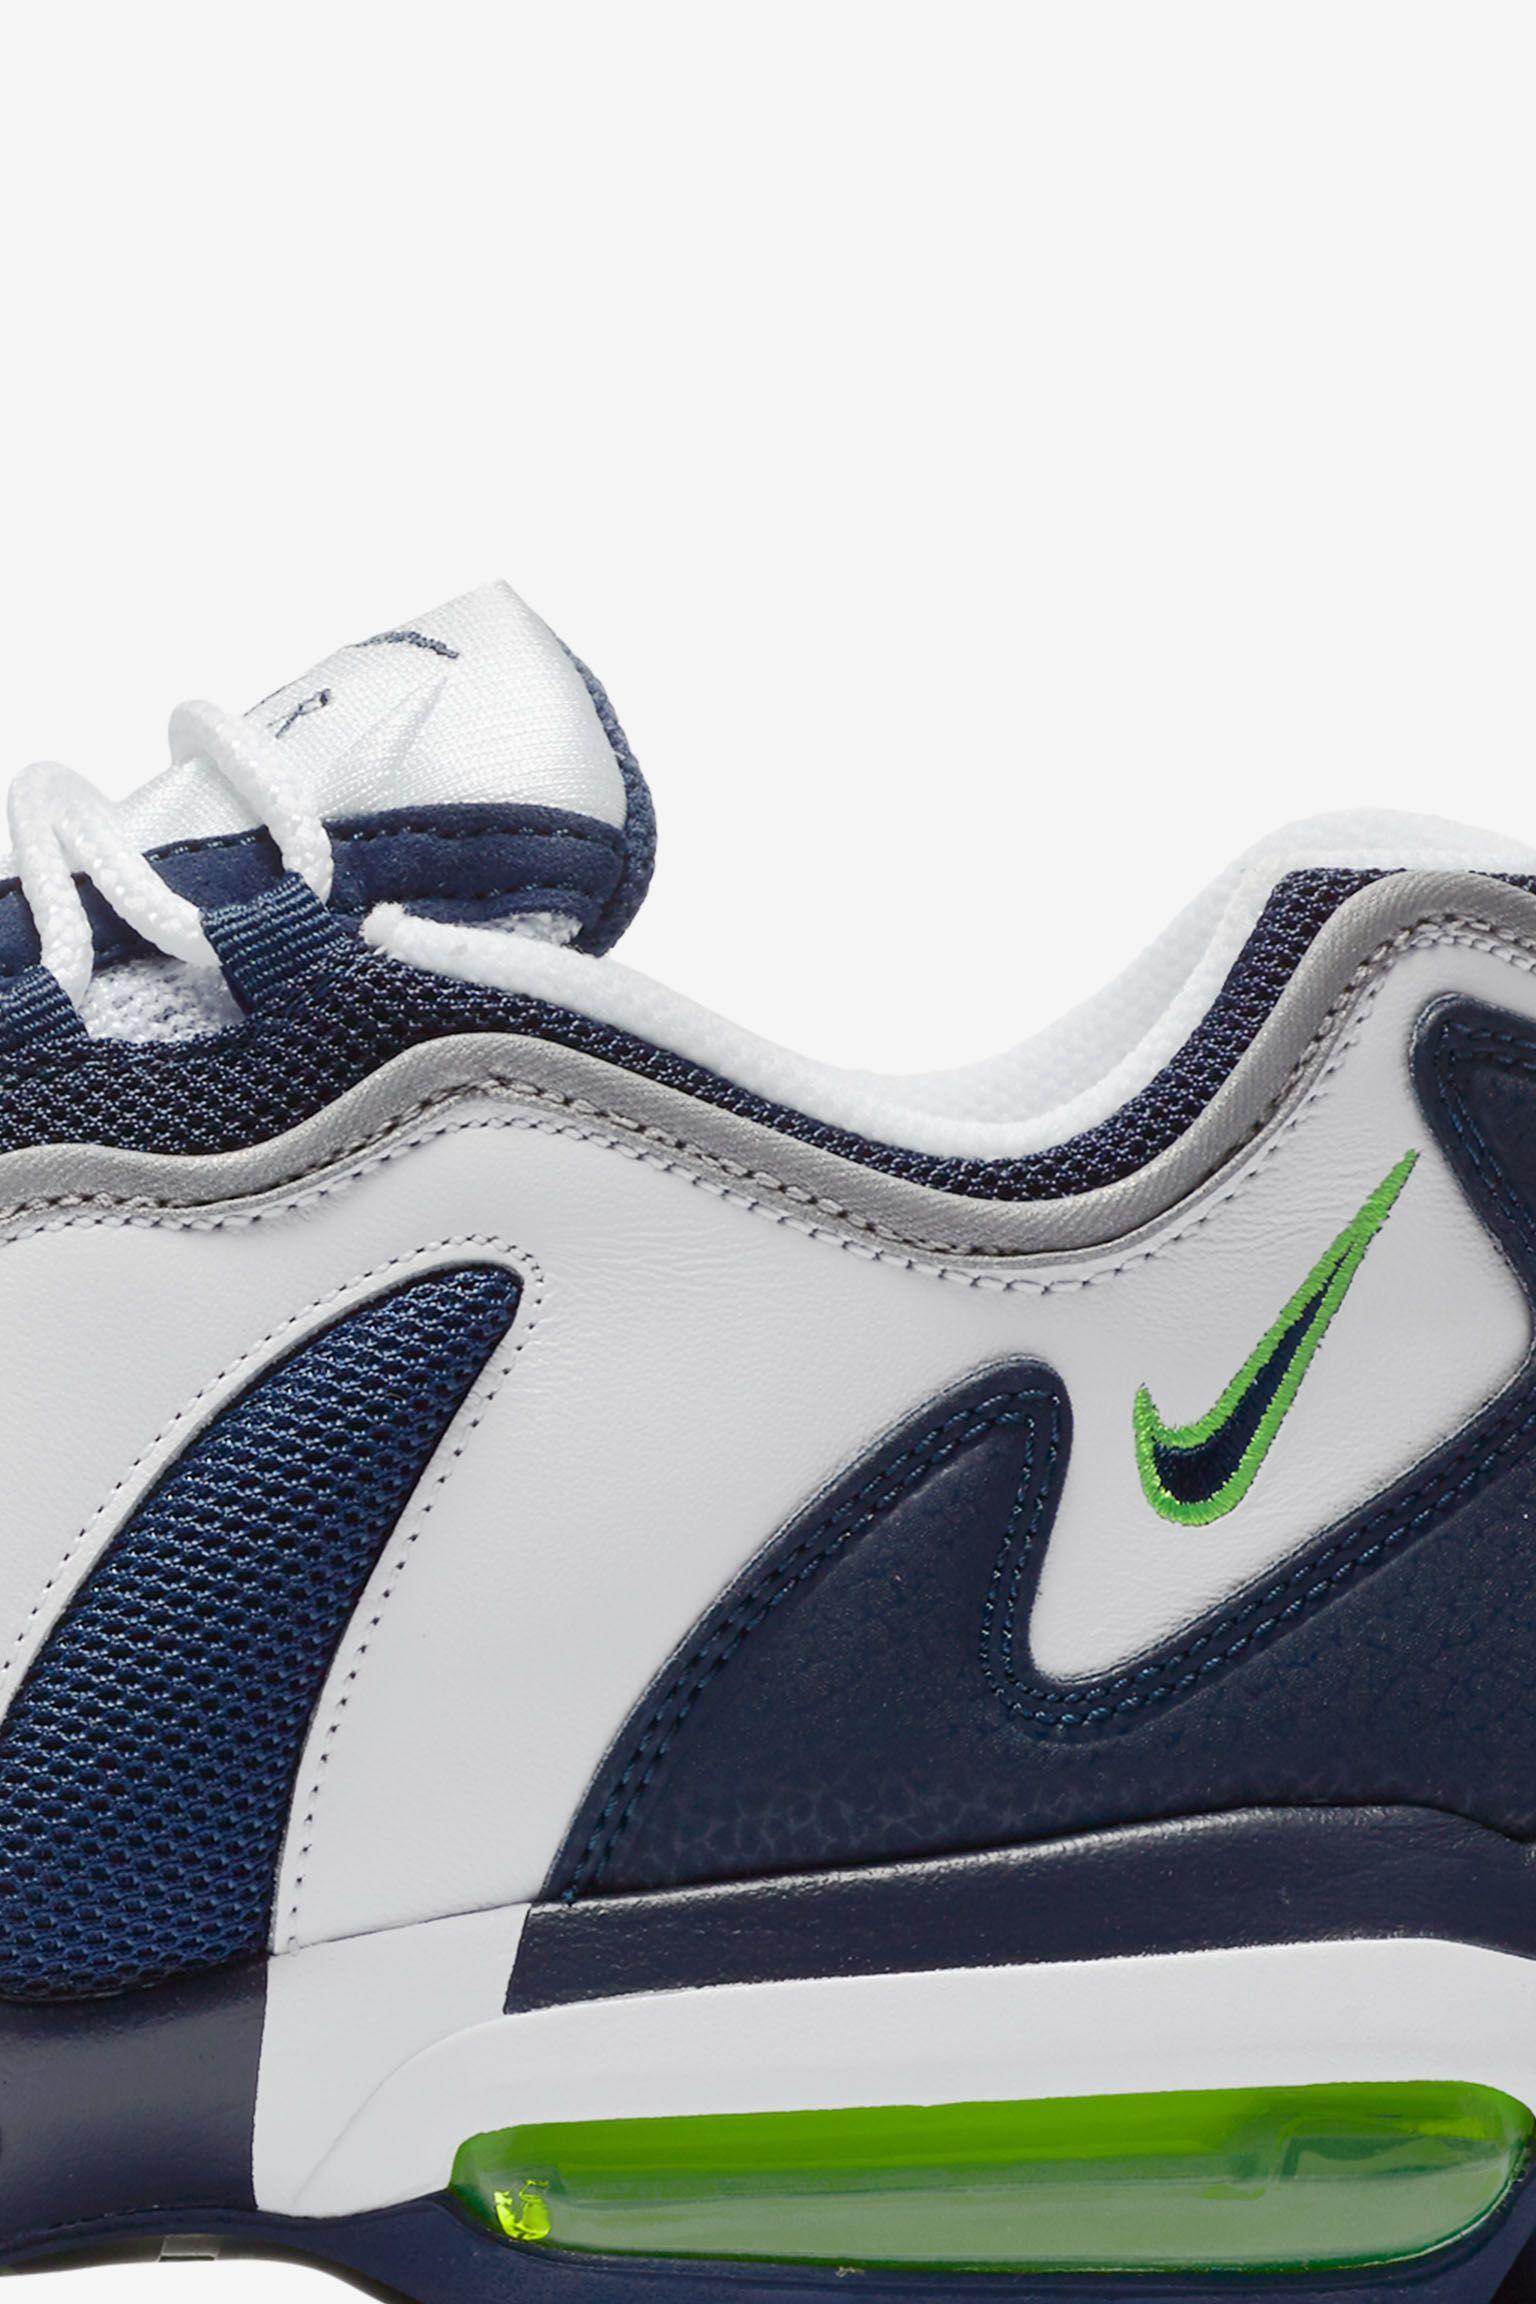 Nike Air Max 96 XX 'Scream Green'